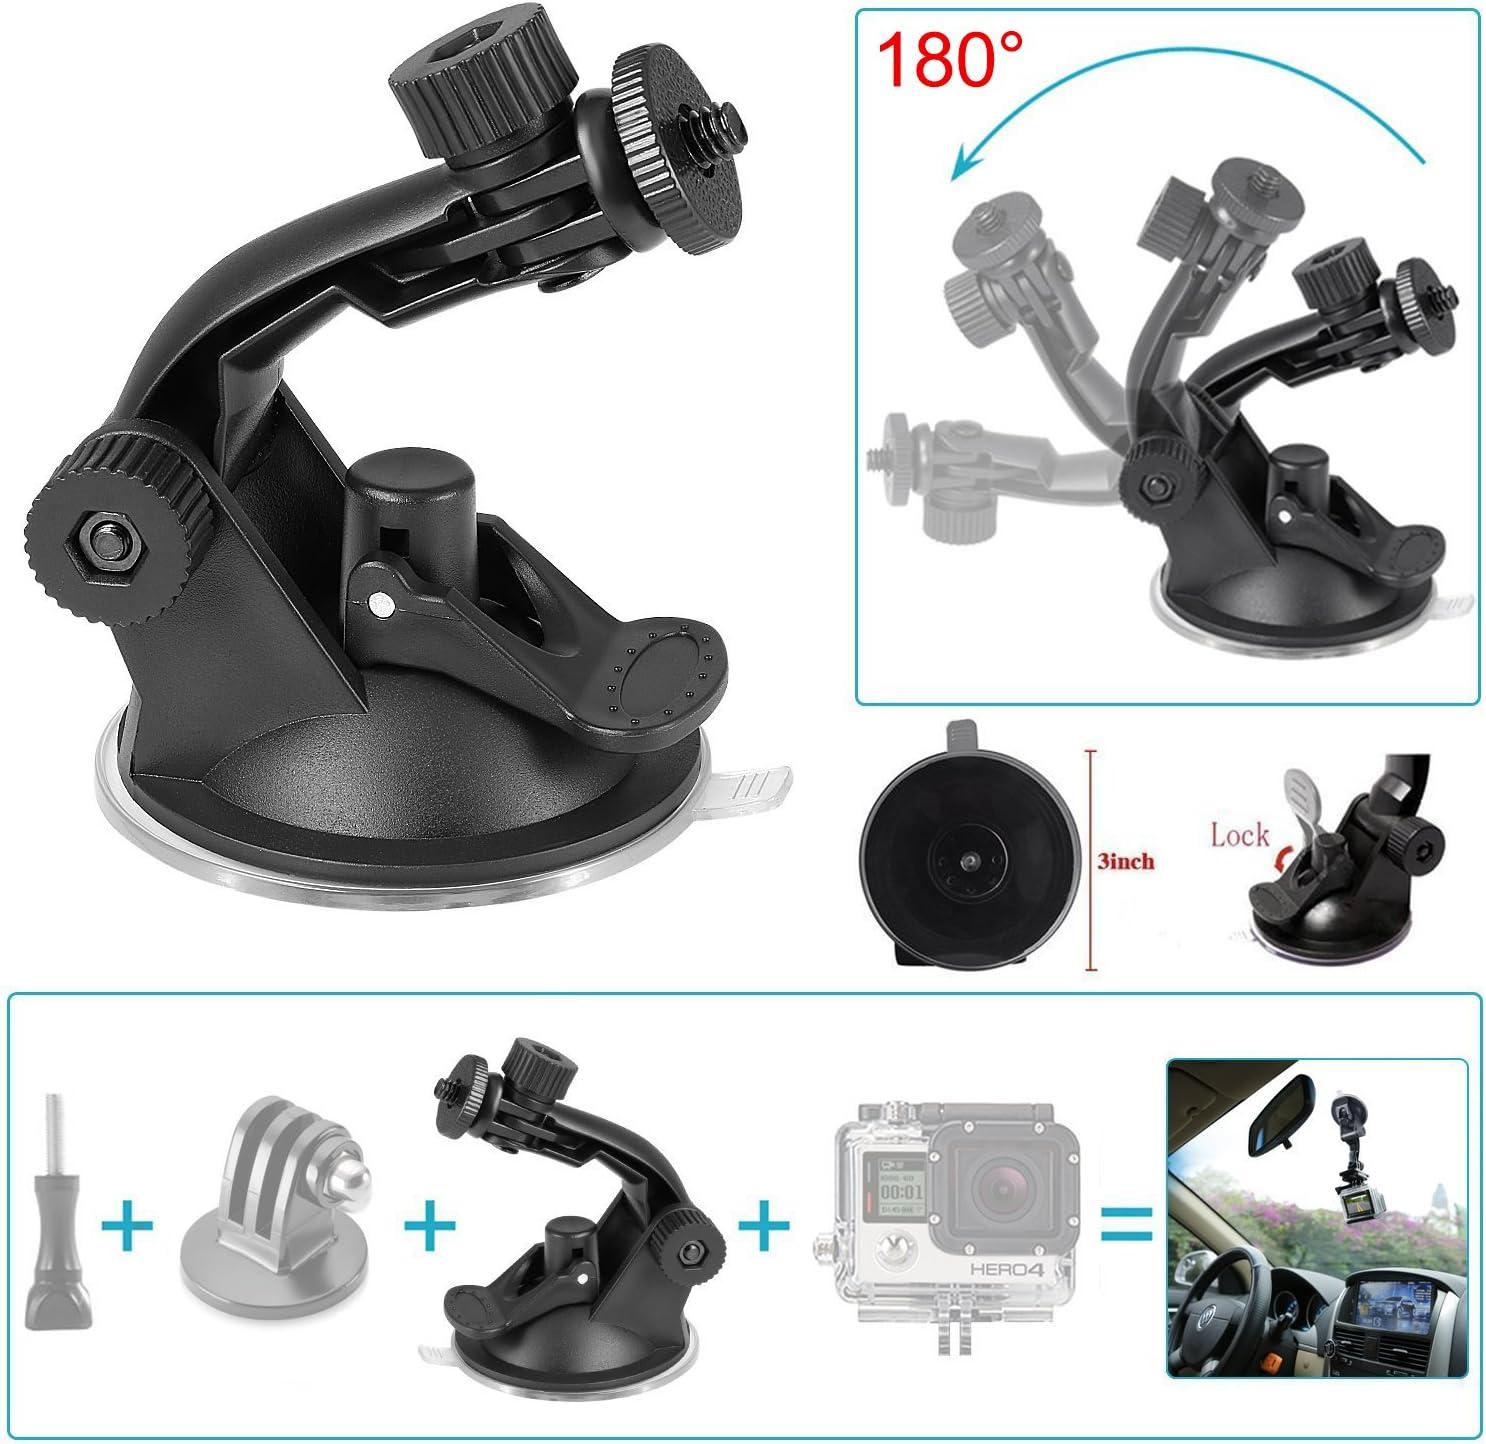 Universal para coche ventosa soporte giratorio soporte para Rollei Actioncam 410